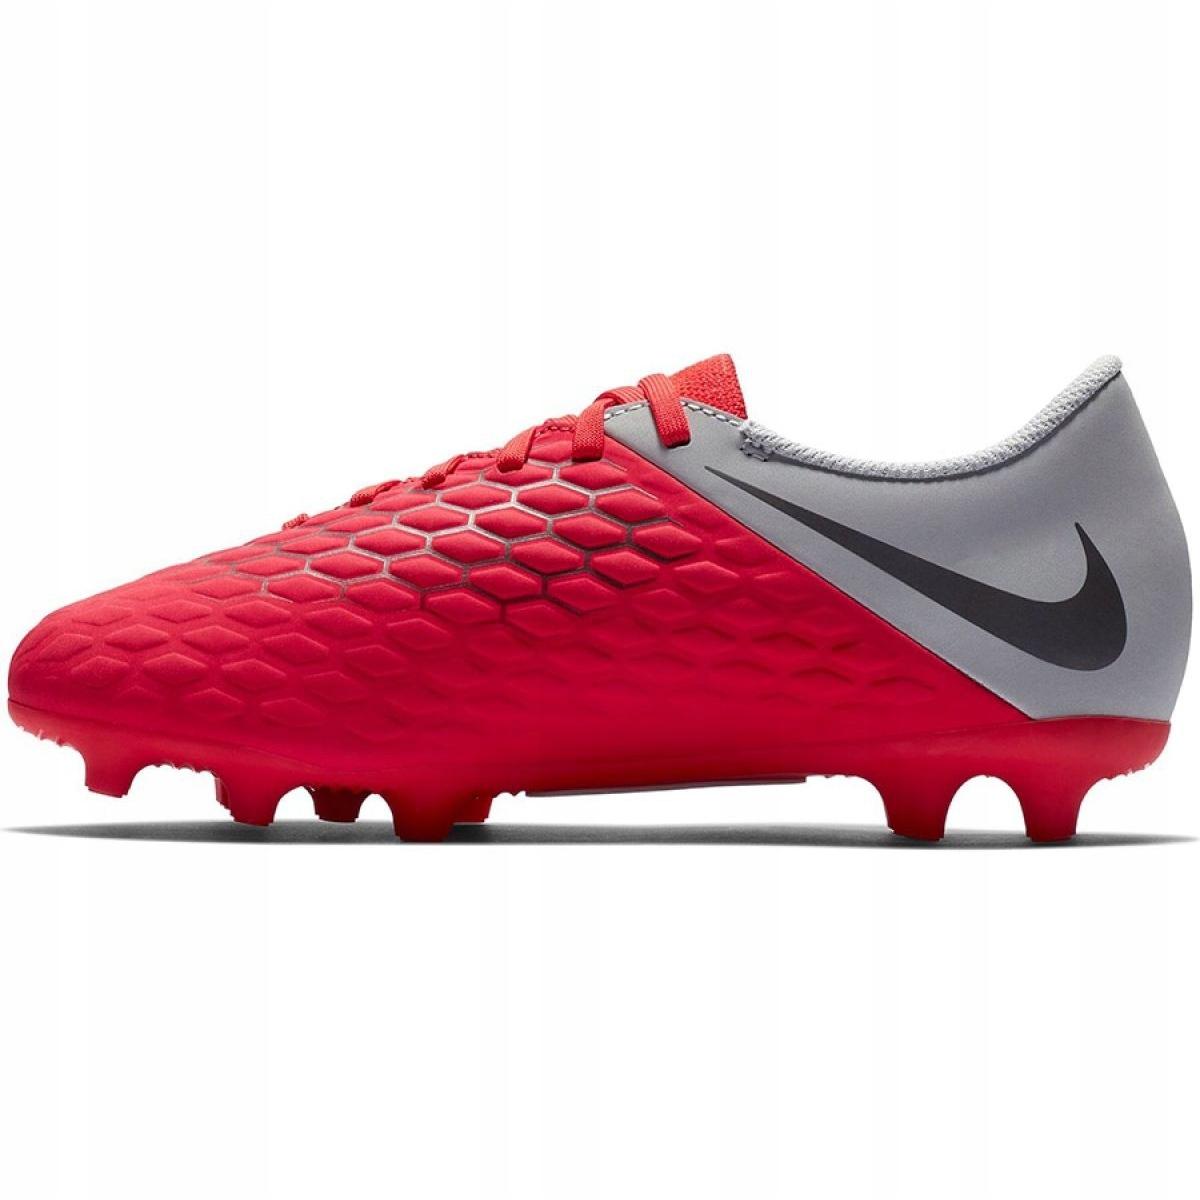 Buty piłkarskie Nike Hypervenom Phantom 3 r.36,5 « Korki Arena.pl internetowa platforma zakupowa, bezpieczne zakupy online